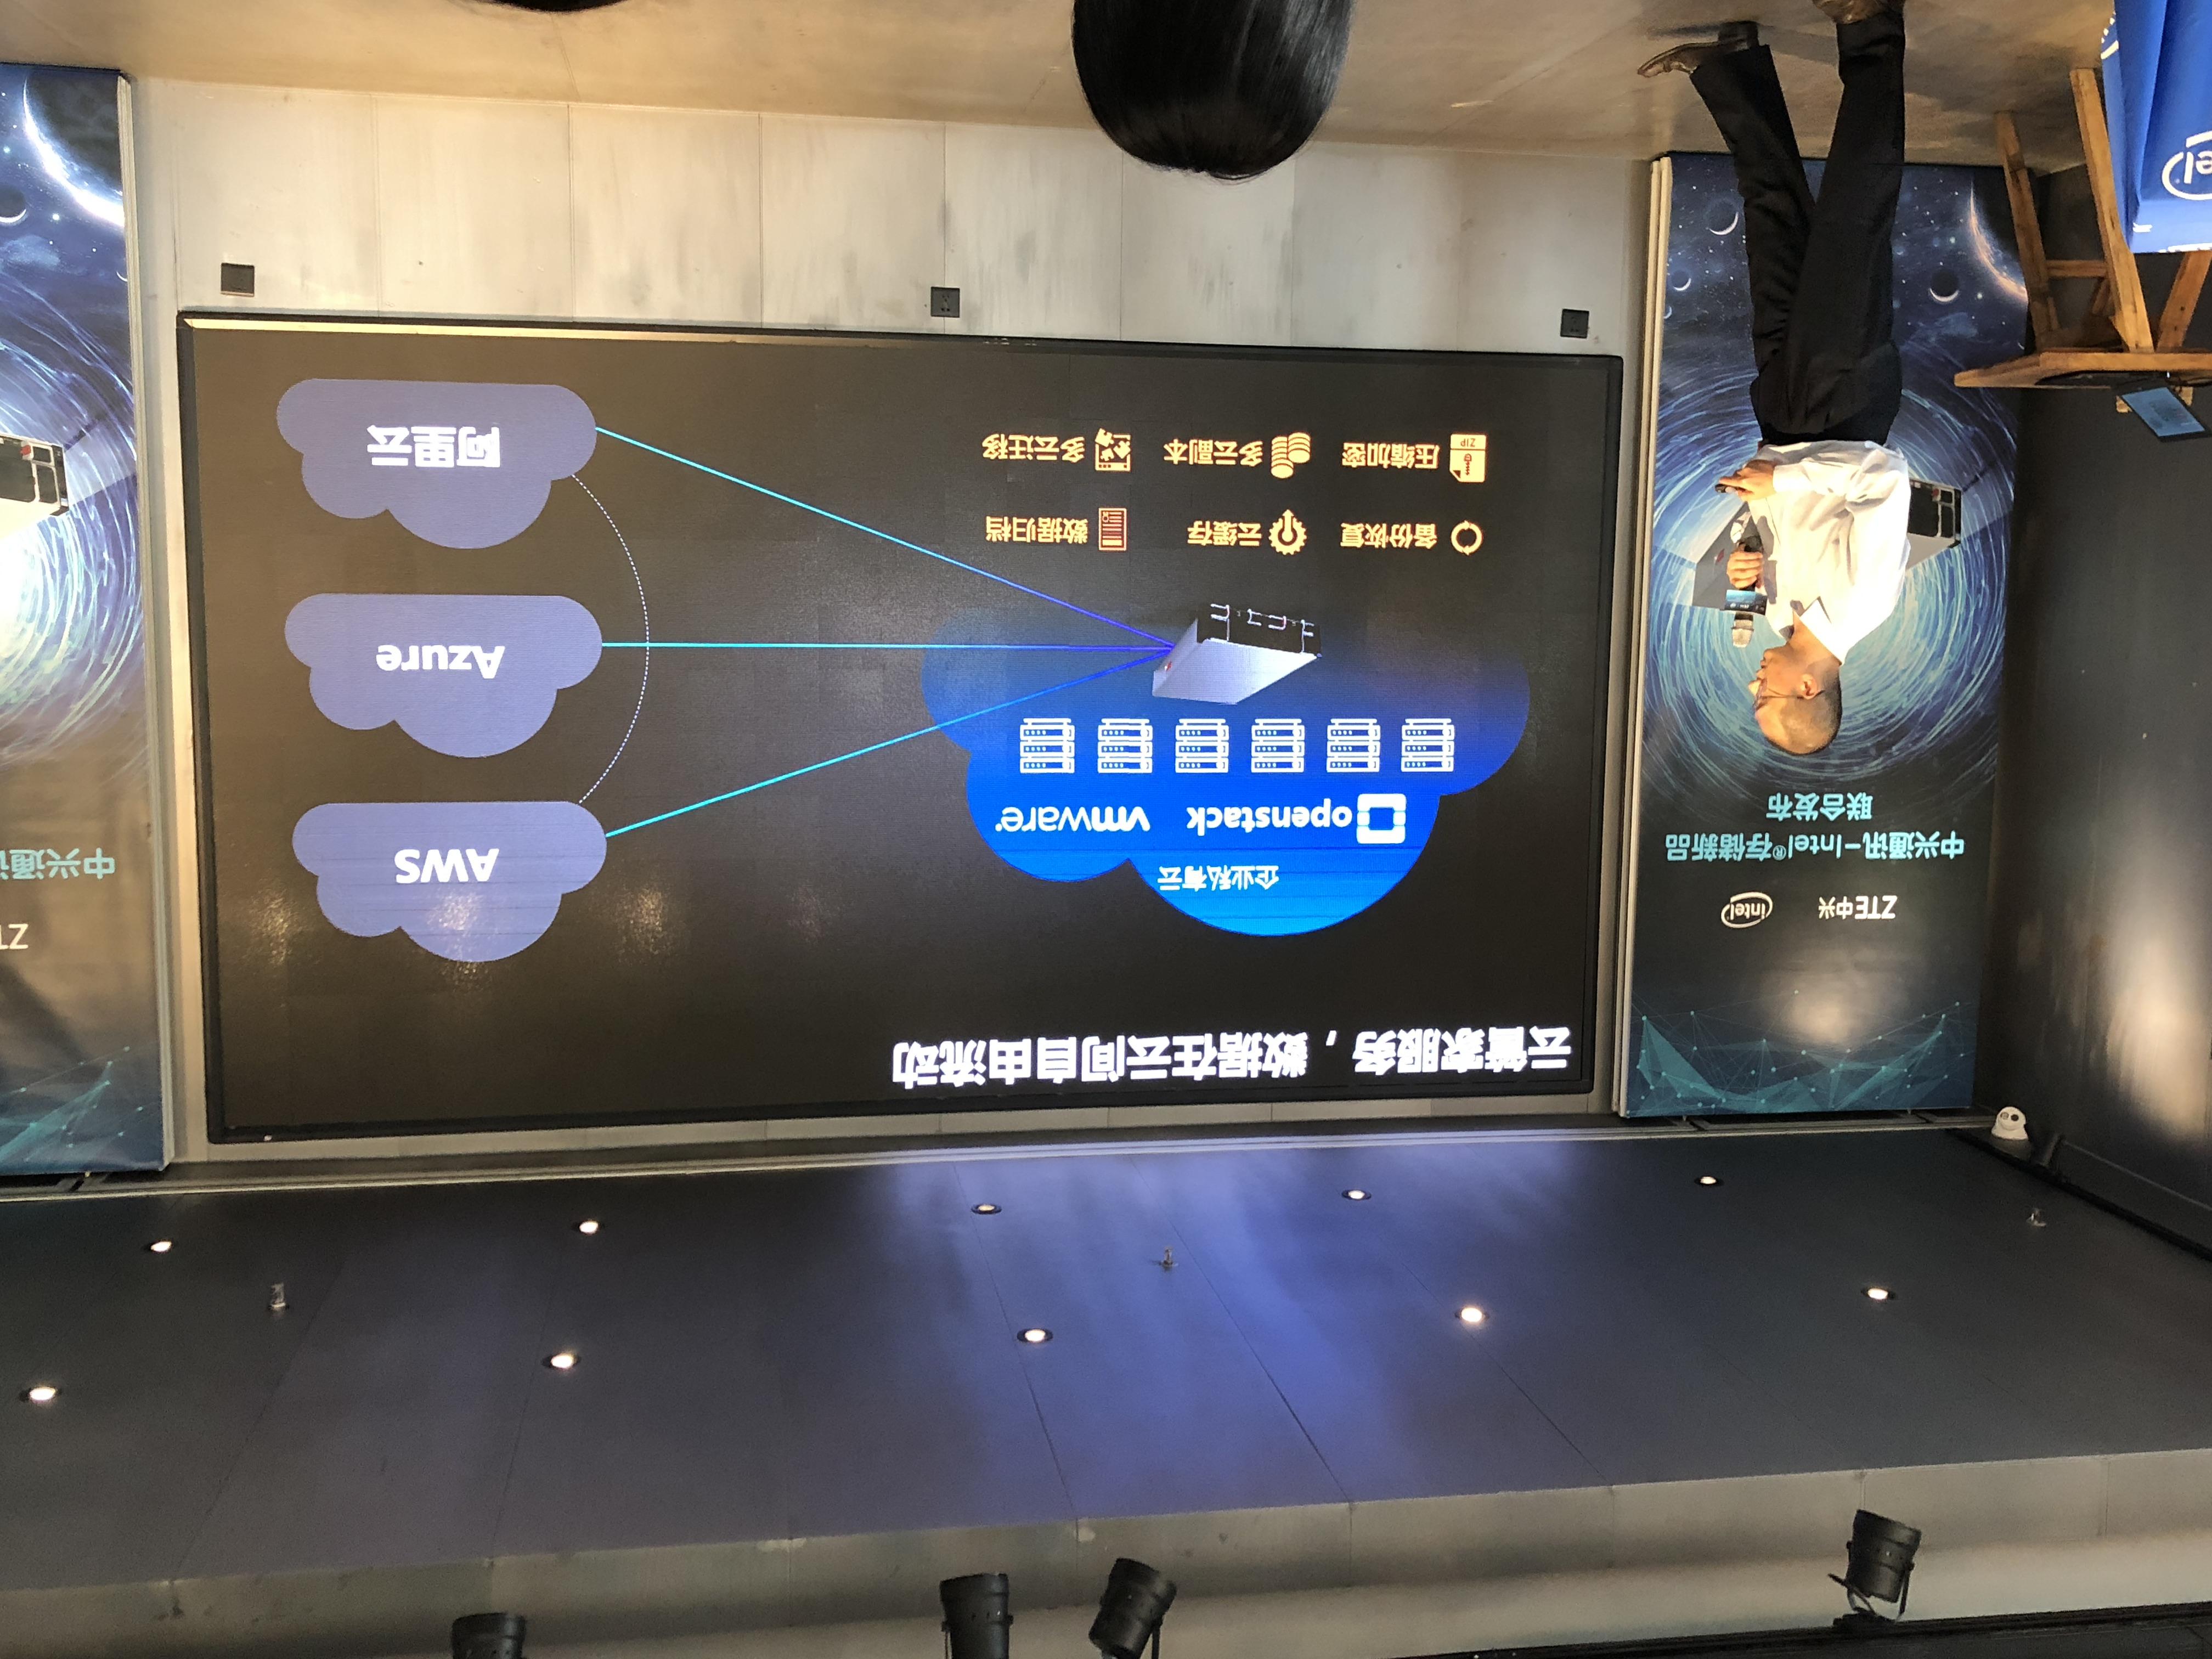 中兴通讯联合Intel发布灵动融合的新一代存储产品